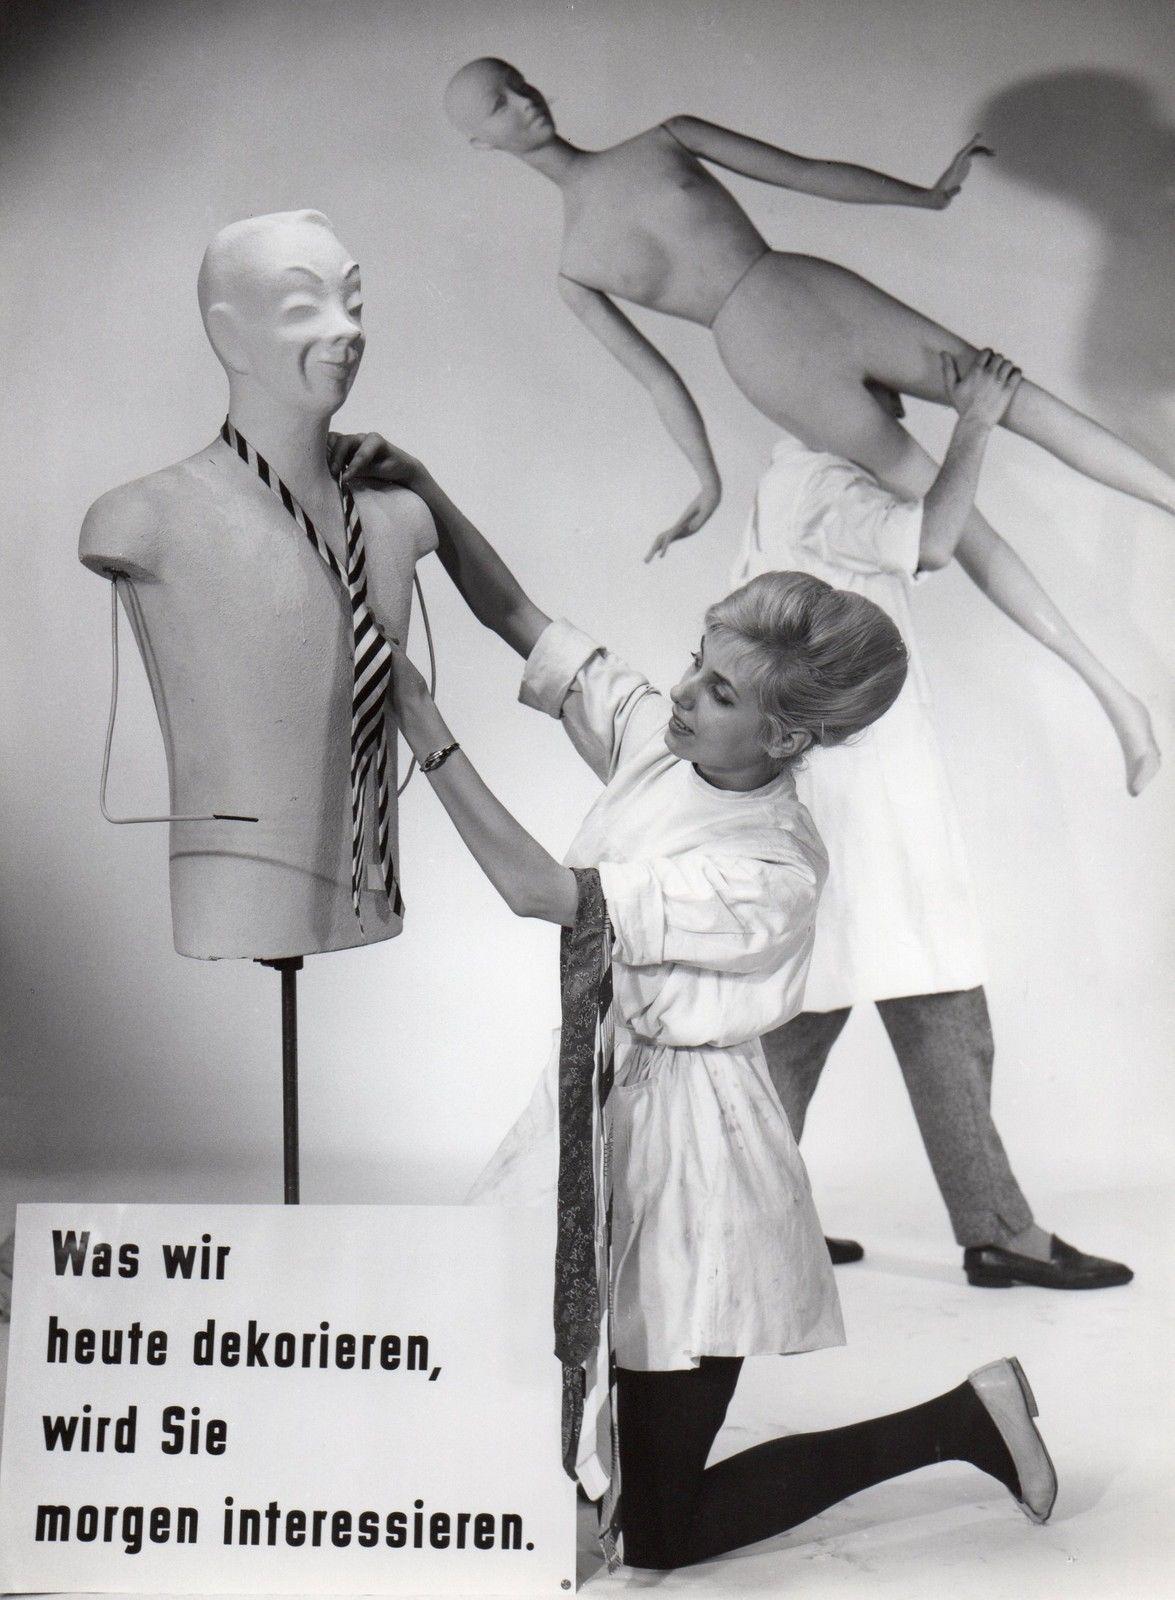 Dewag Werbefoto Foto Fotografie Mode Schaufenster DDR 50er Jahre GDR